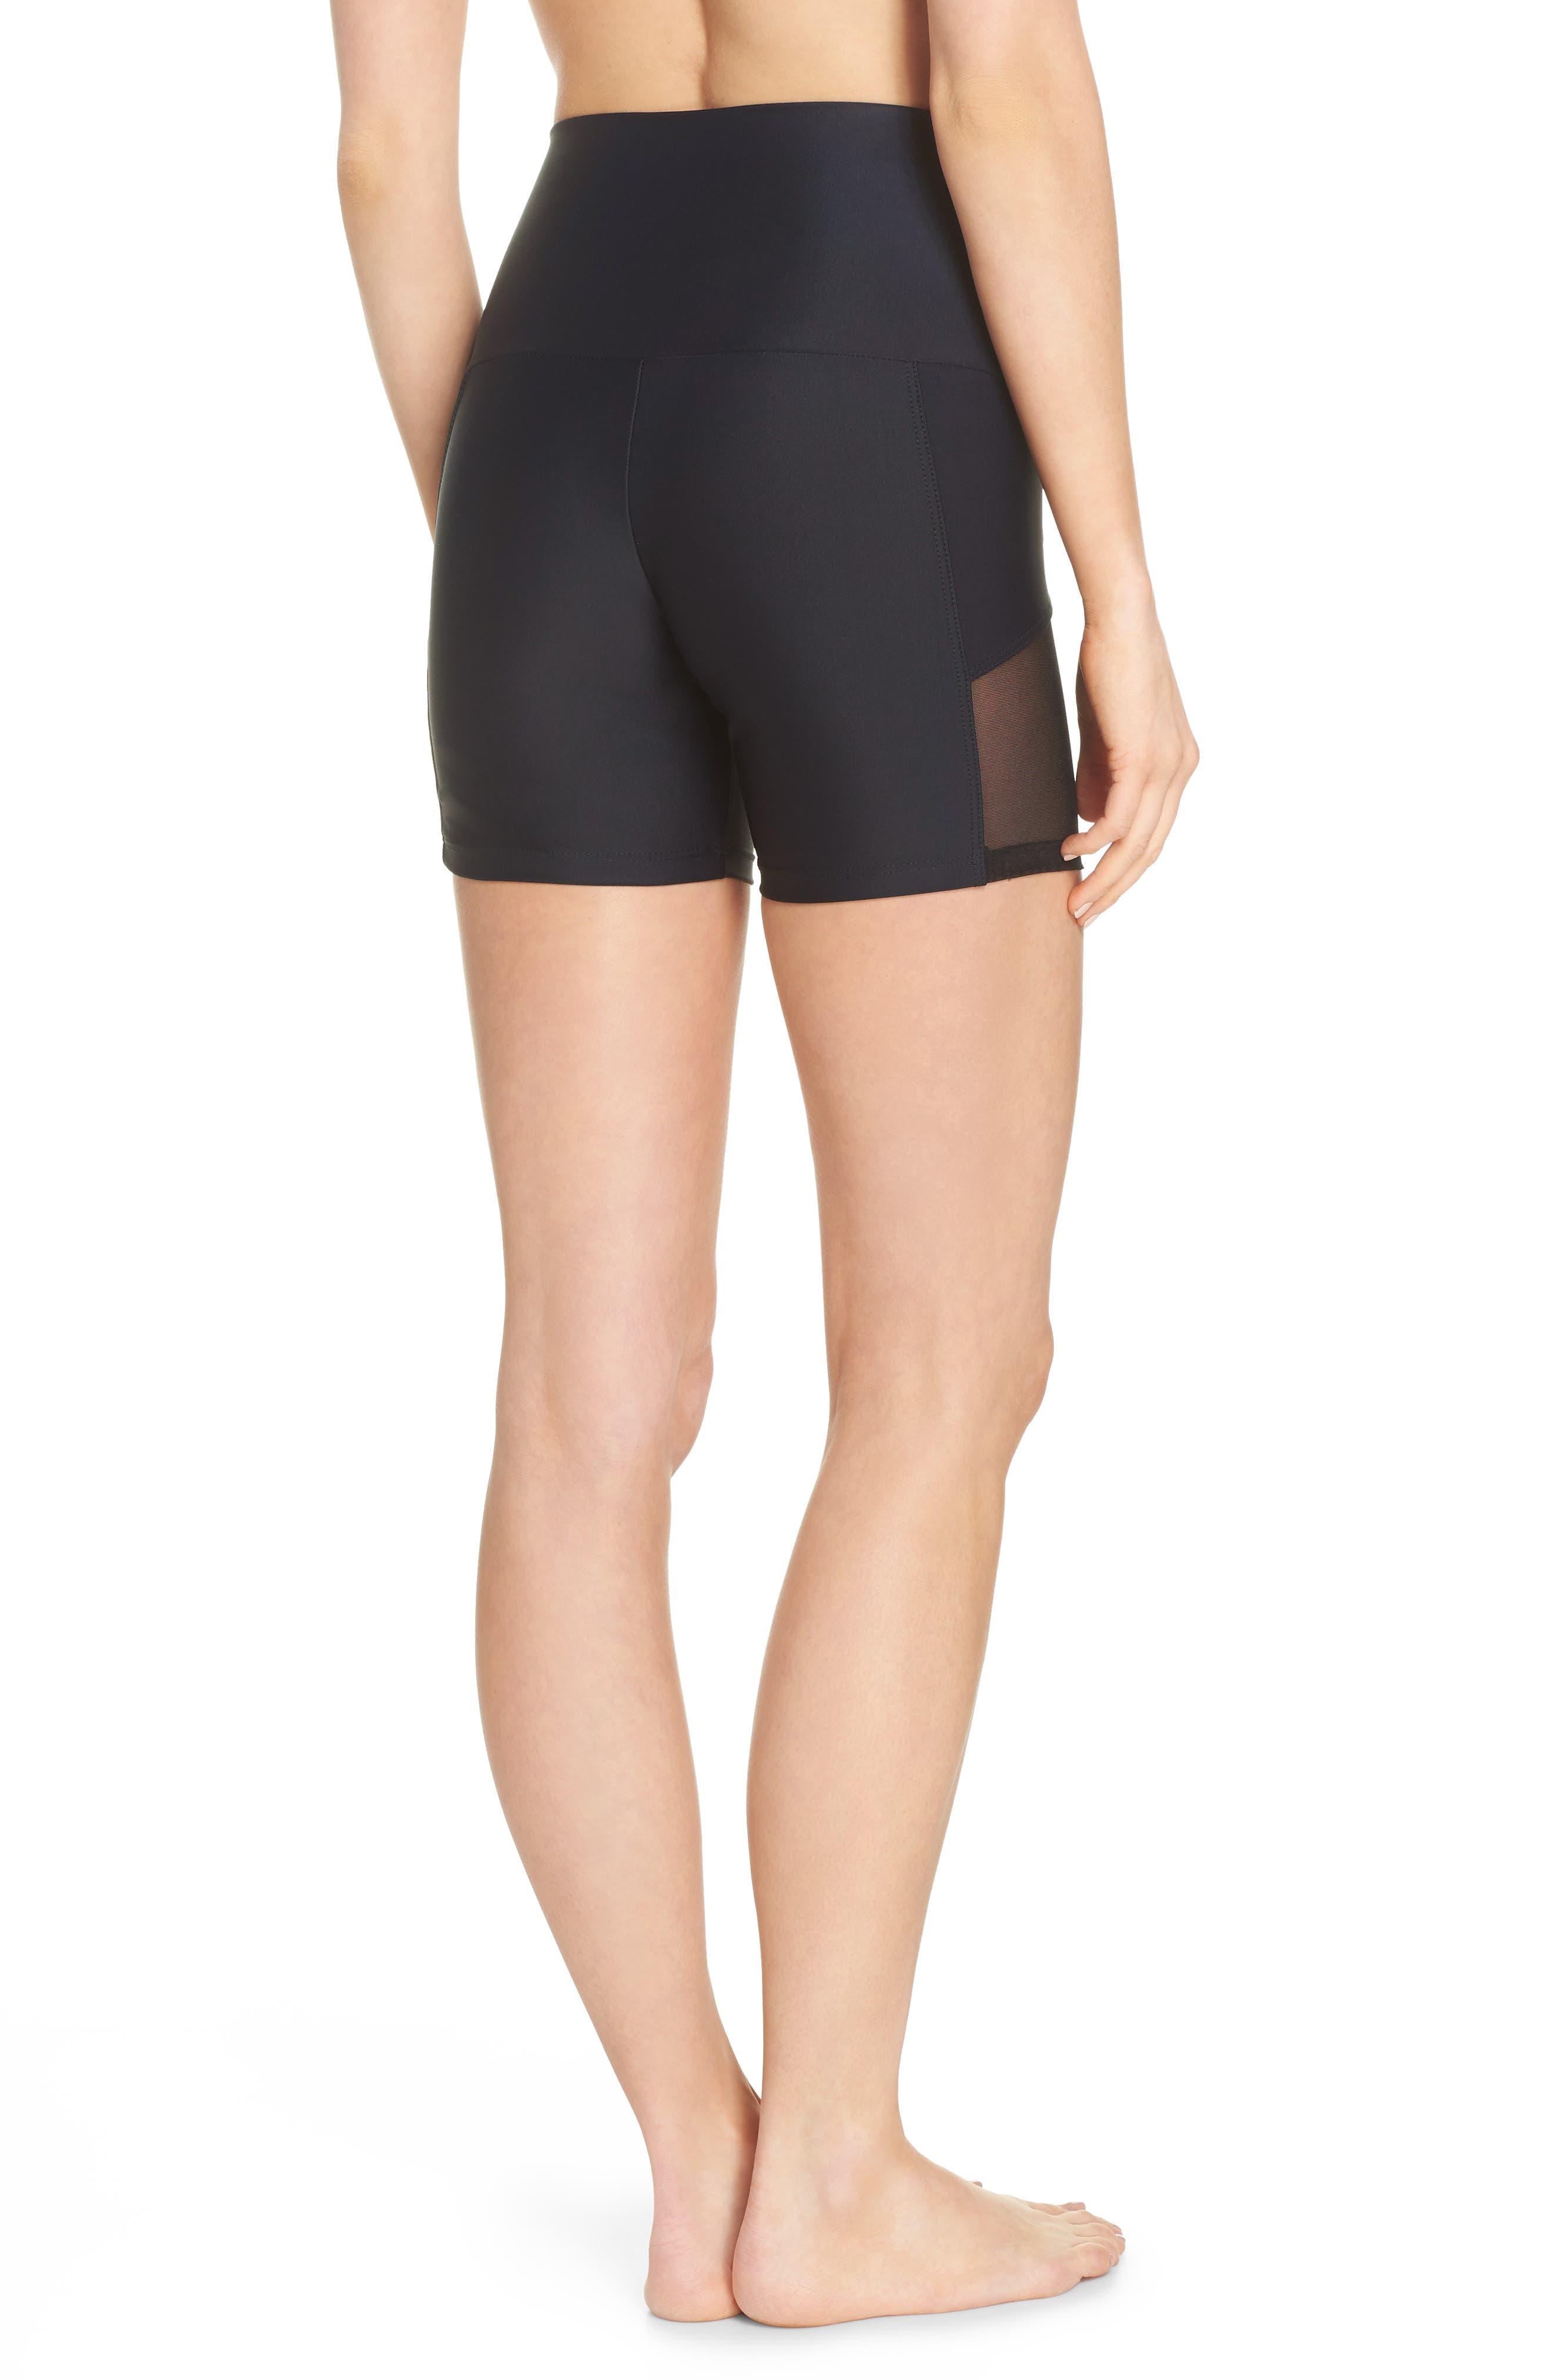 Stunner Shorts,                             Alternate thumbnail 2, color,                             Black